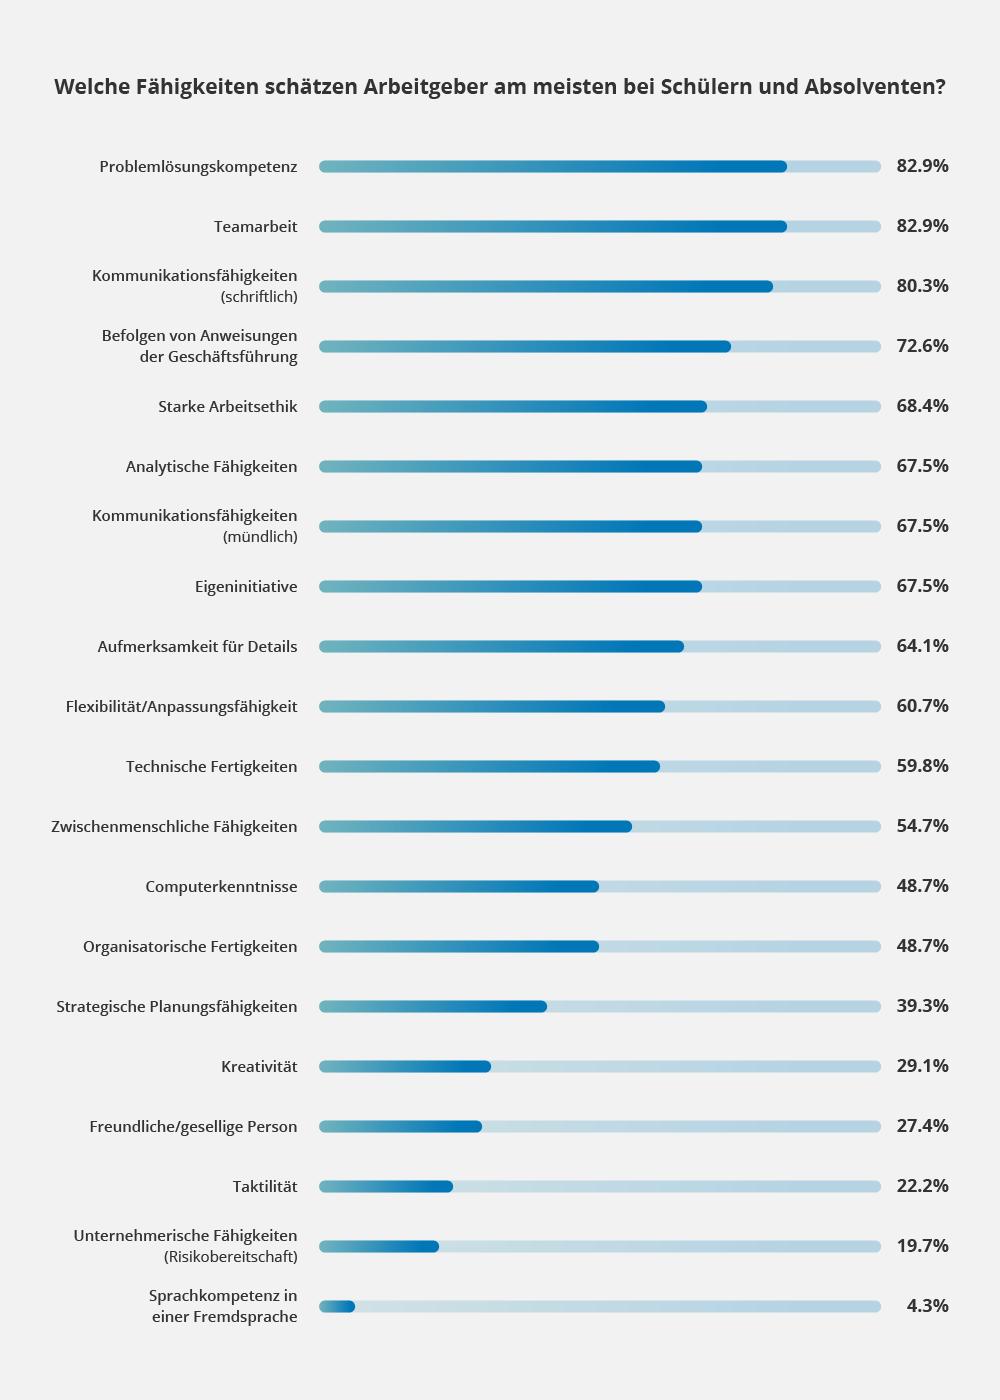 Welche Fähigkeiten schätzen Arbeitgeber am meisten bei Schülern und Absolventen?